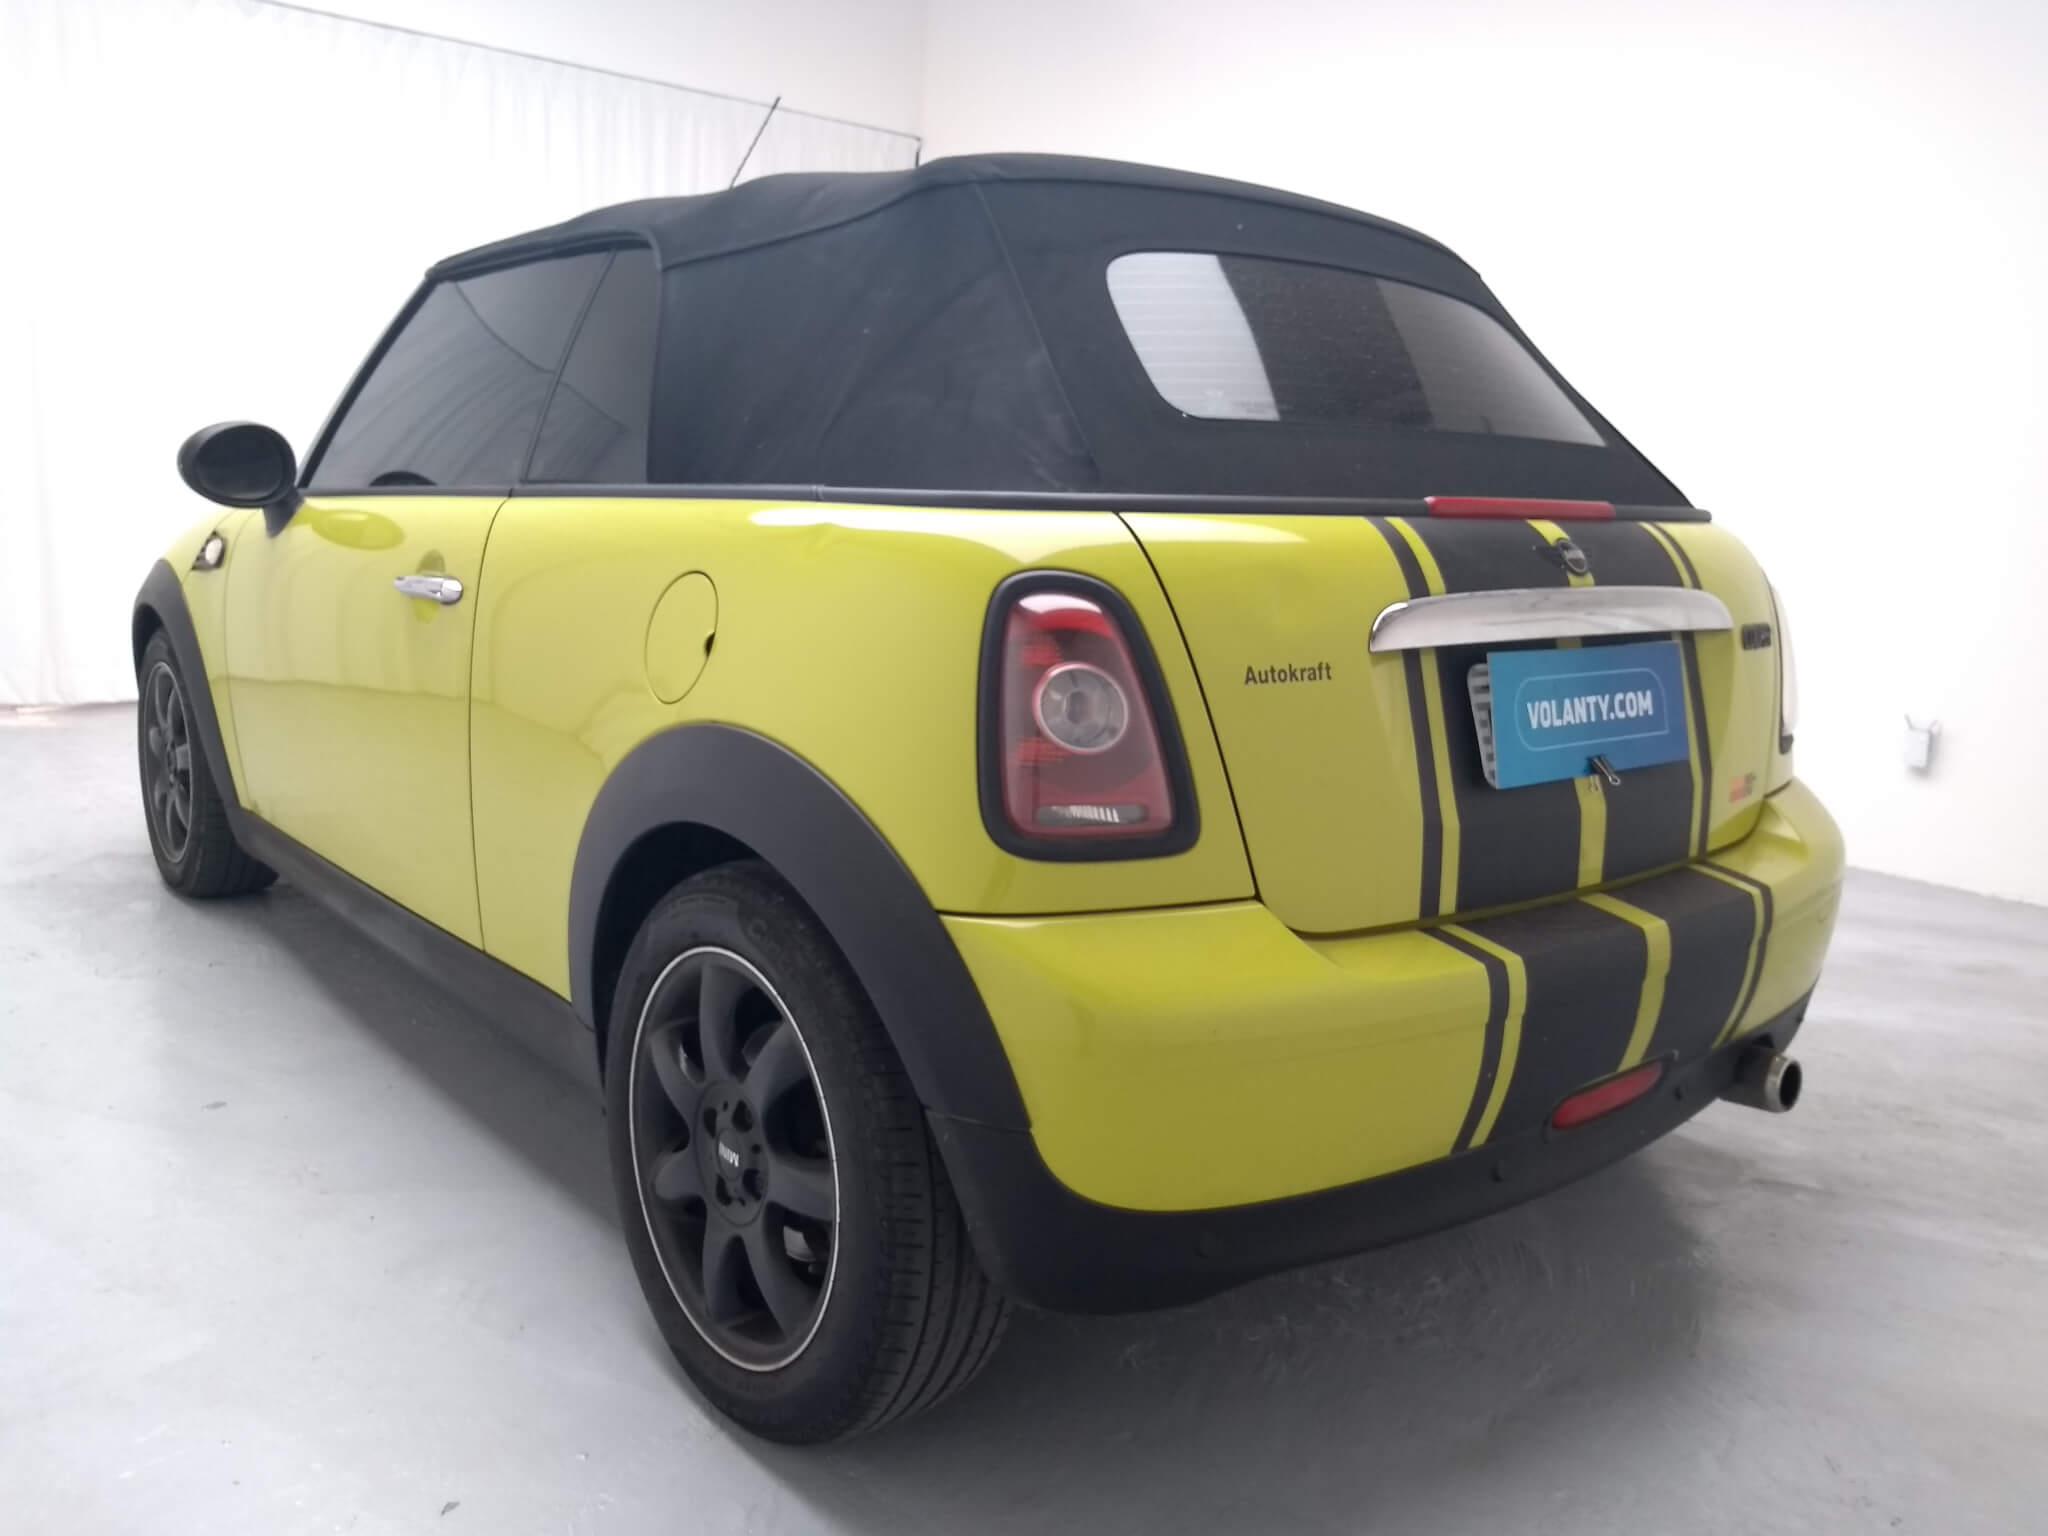 Mini Cooper 1 6 Cabrio 16v Automatico 2010 Amarelo Com 60 403km Em Rj Volanty